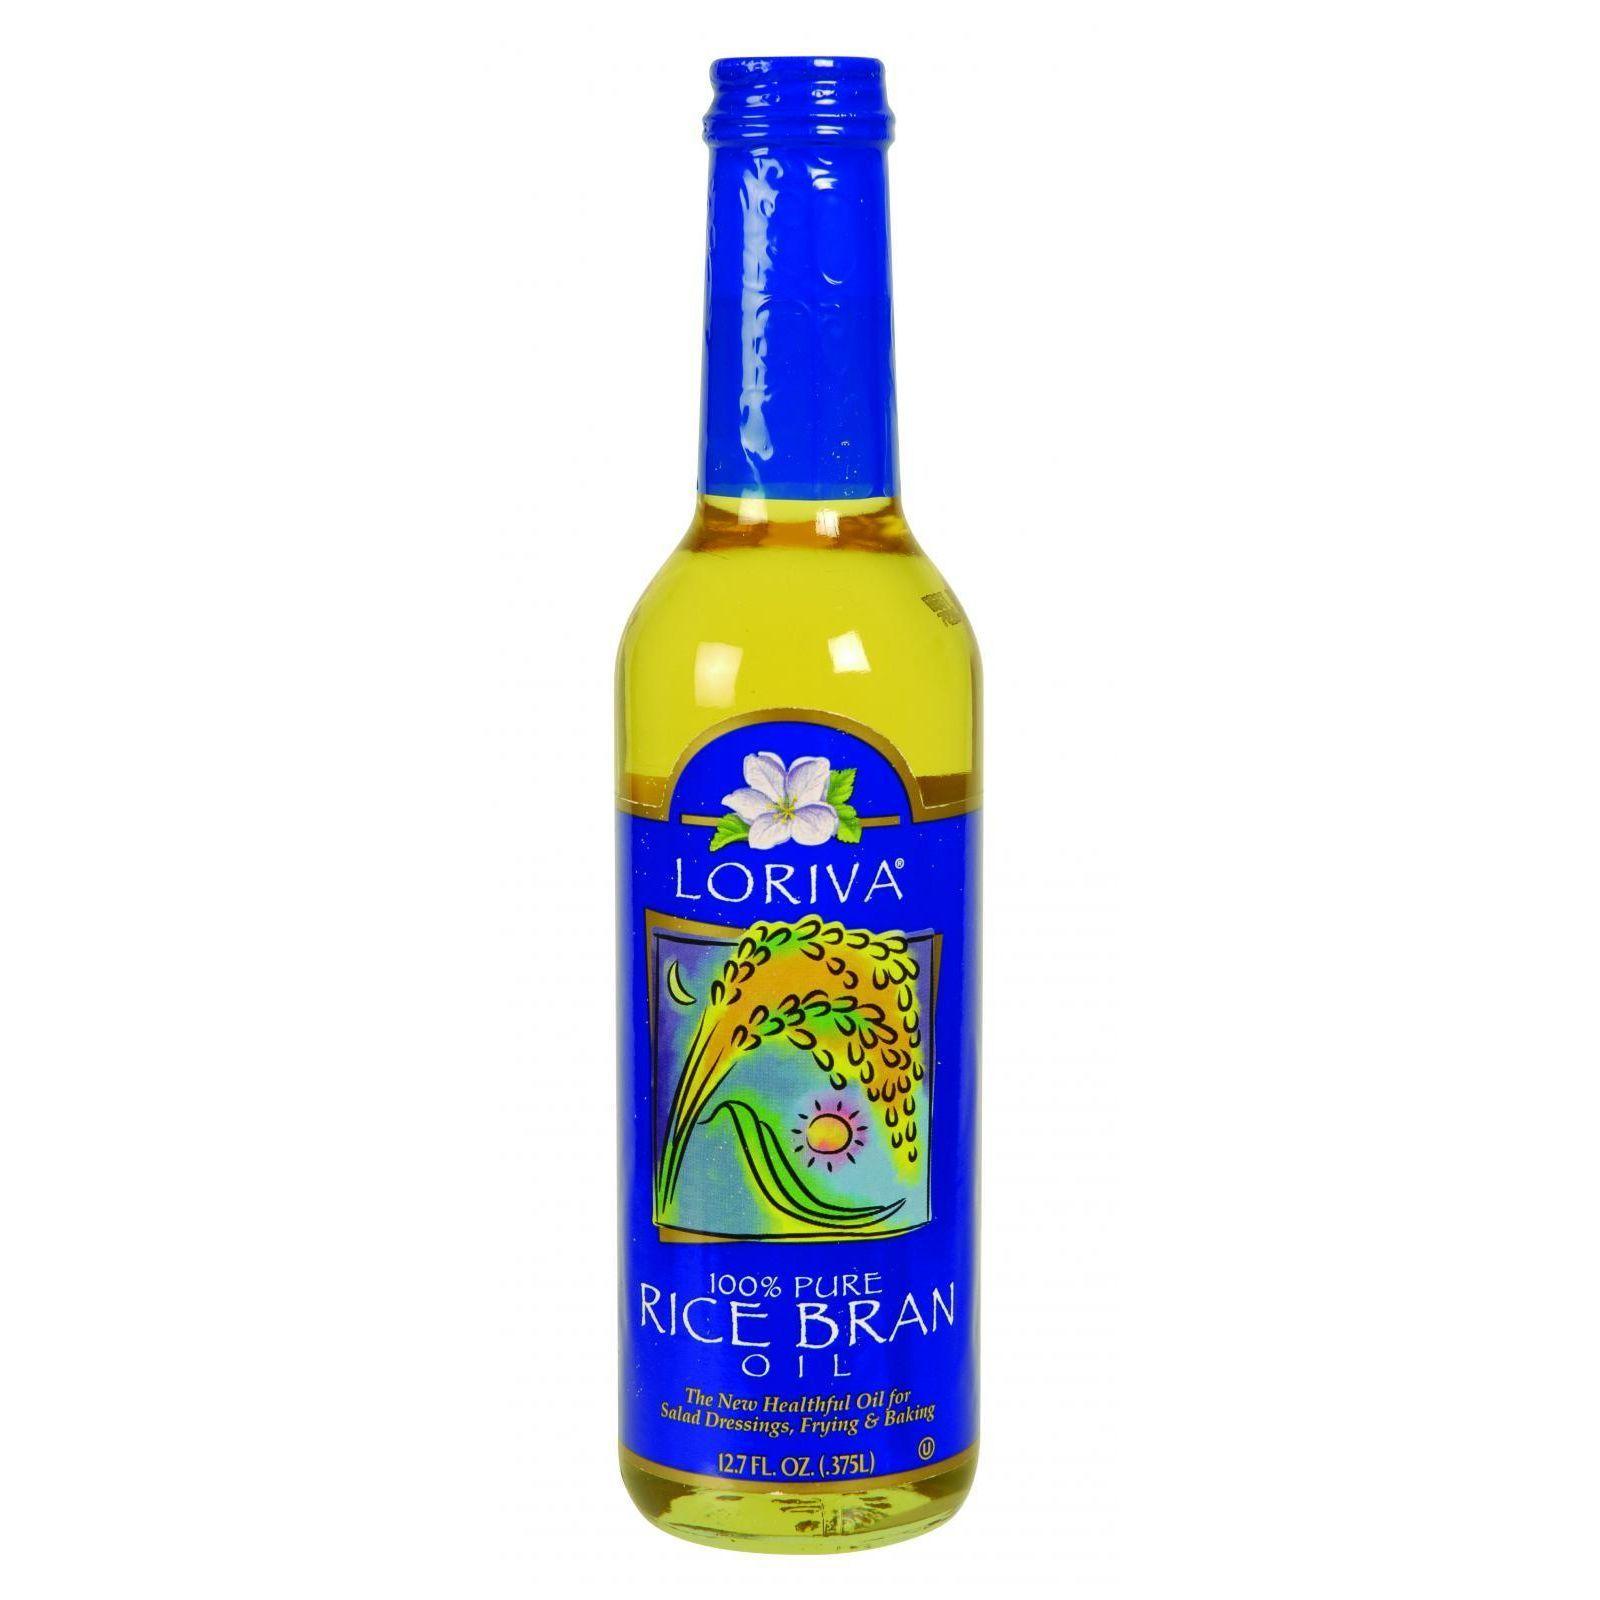 Loriva Rice Bran Oil - 100 Percent Pure - 12.7 oz